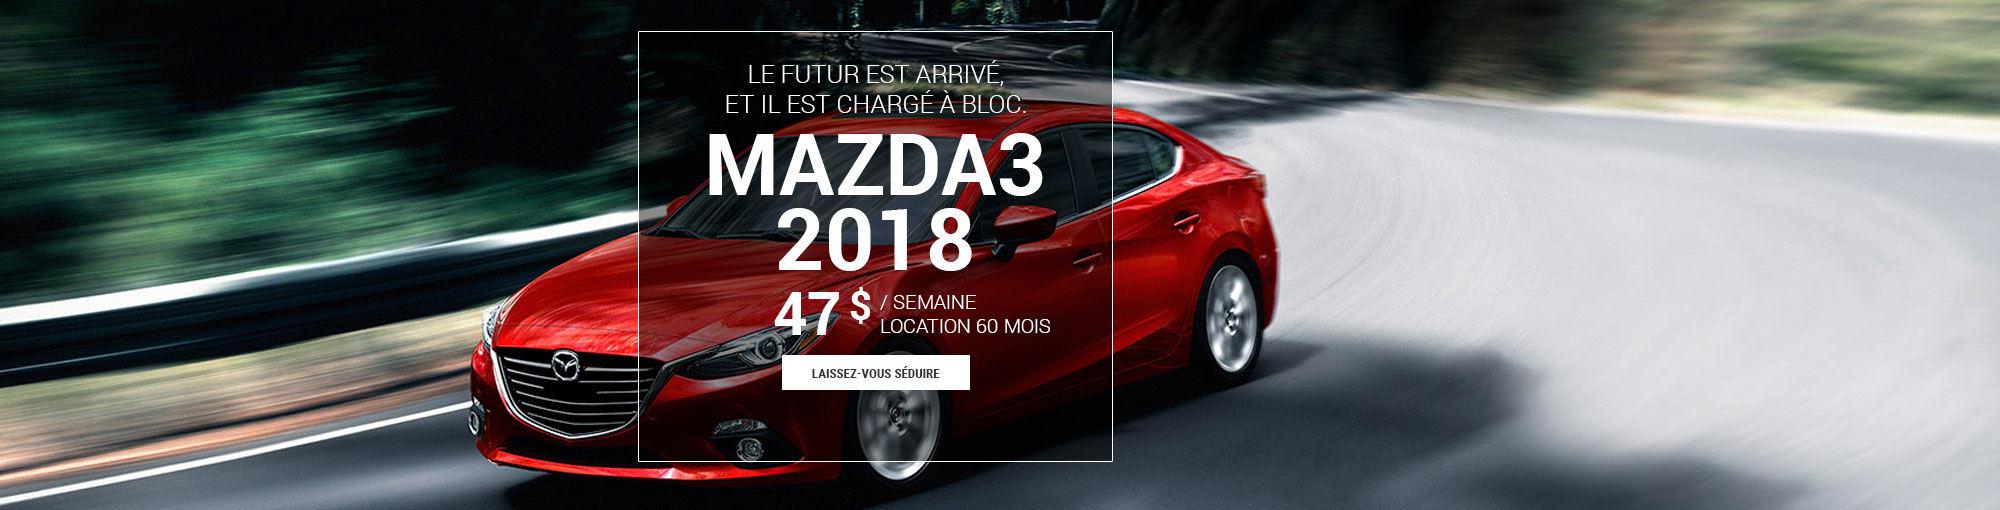 Mazda3 2018 - sept 2017